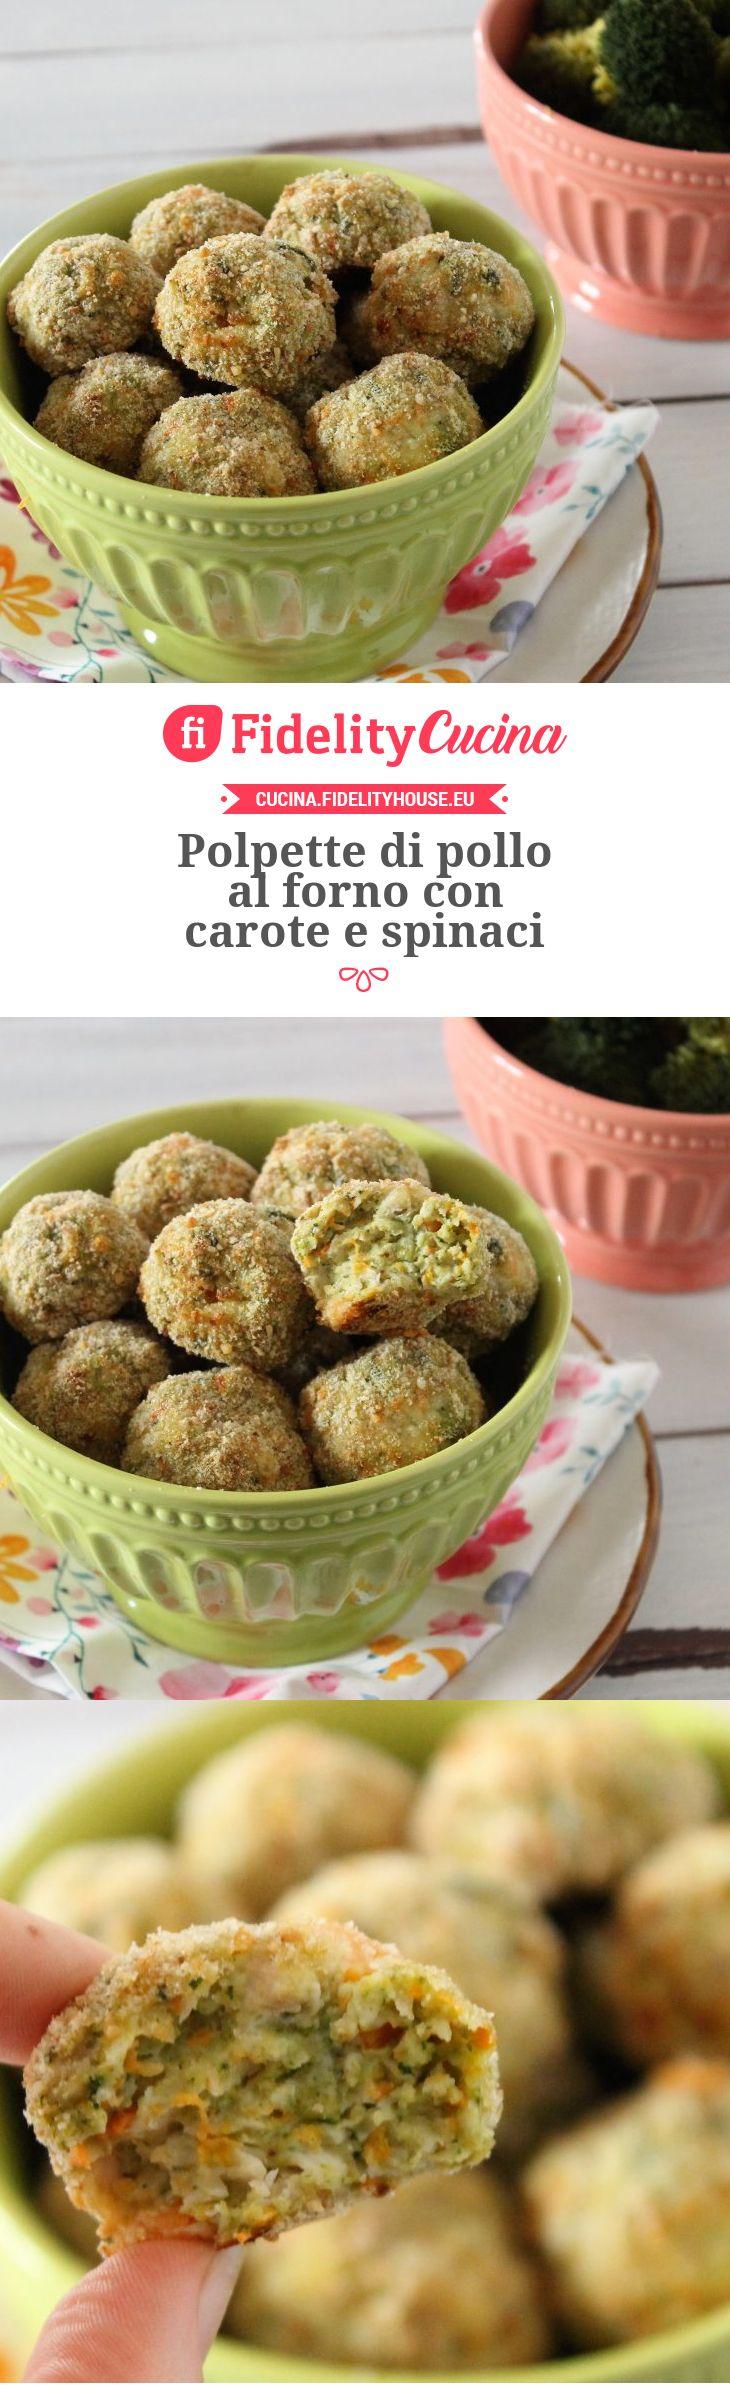 Polpette di pollo al forno con carote e spinaci